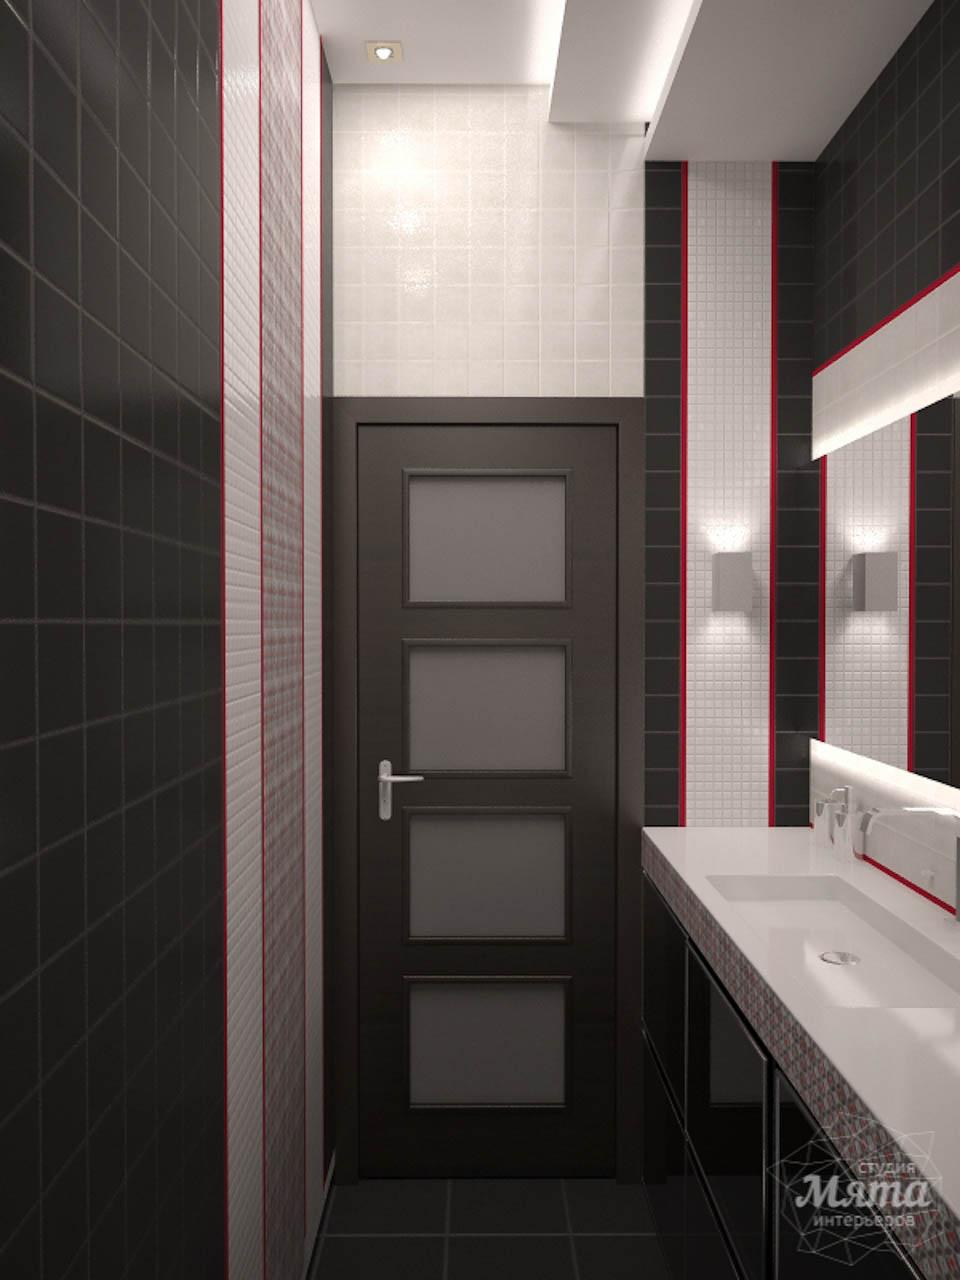 Дизайн интерьера трехкомнатной квартиры по ул. Папанина 18 img685026725